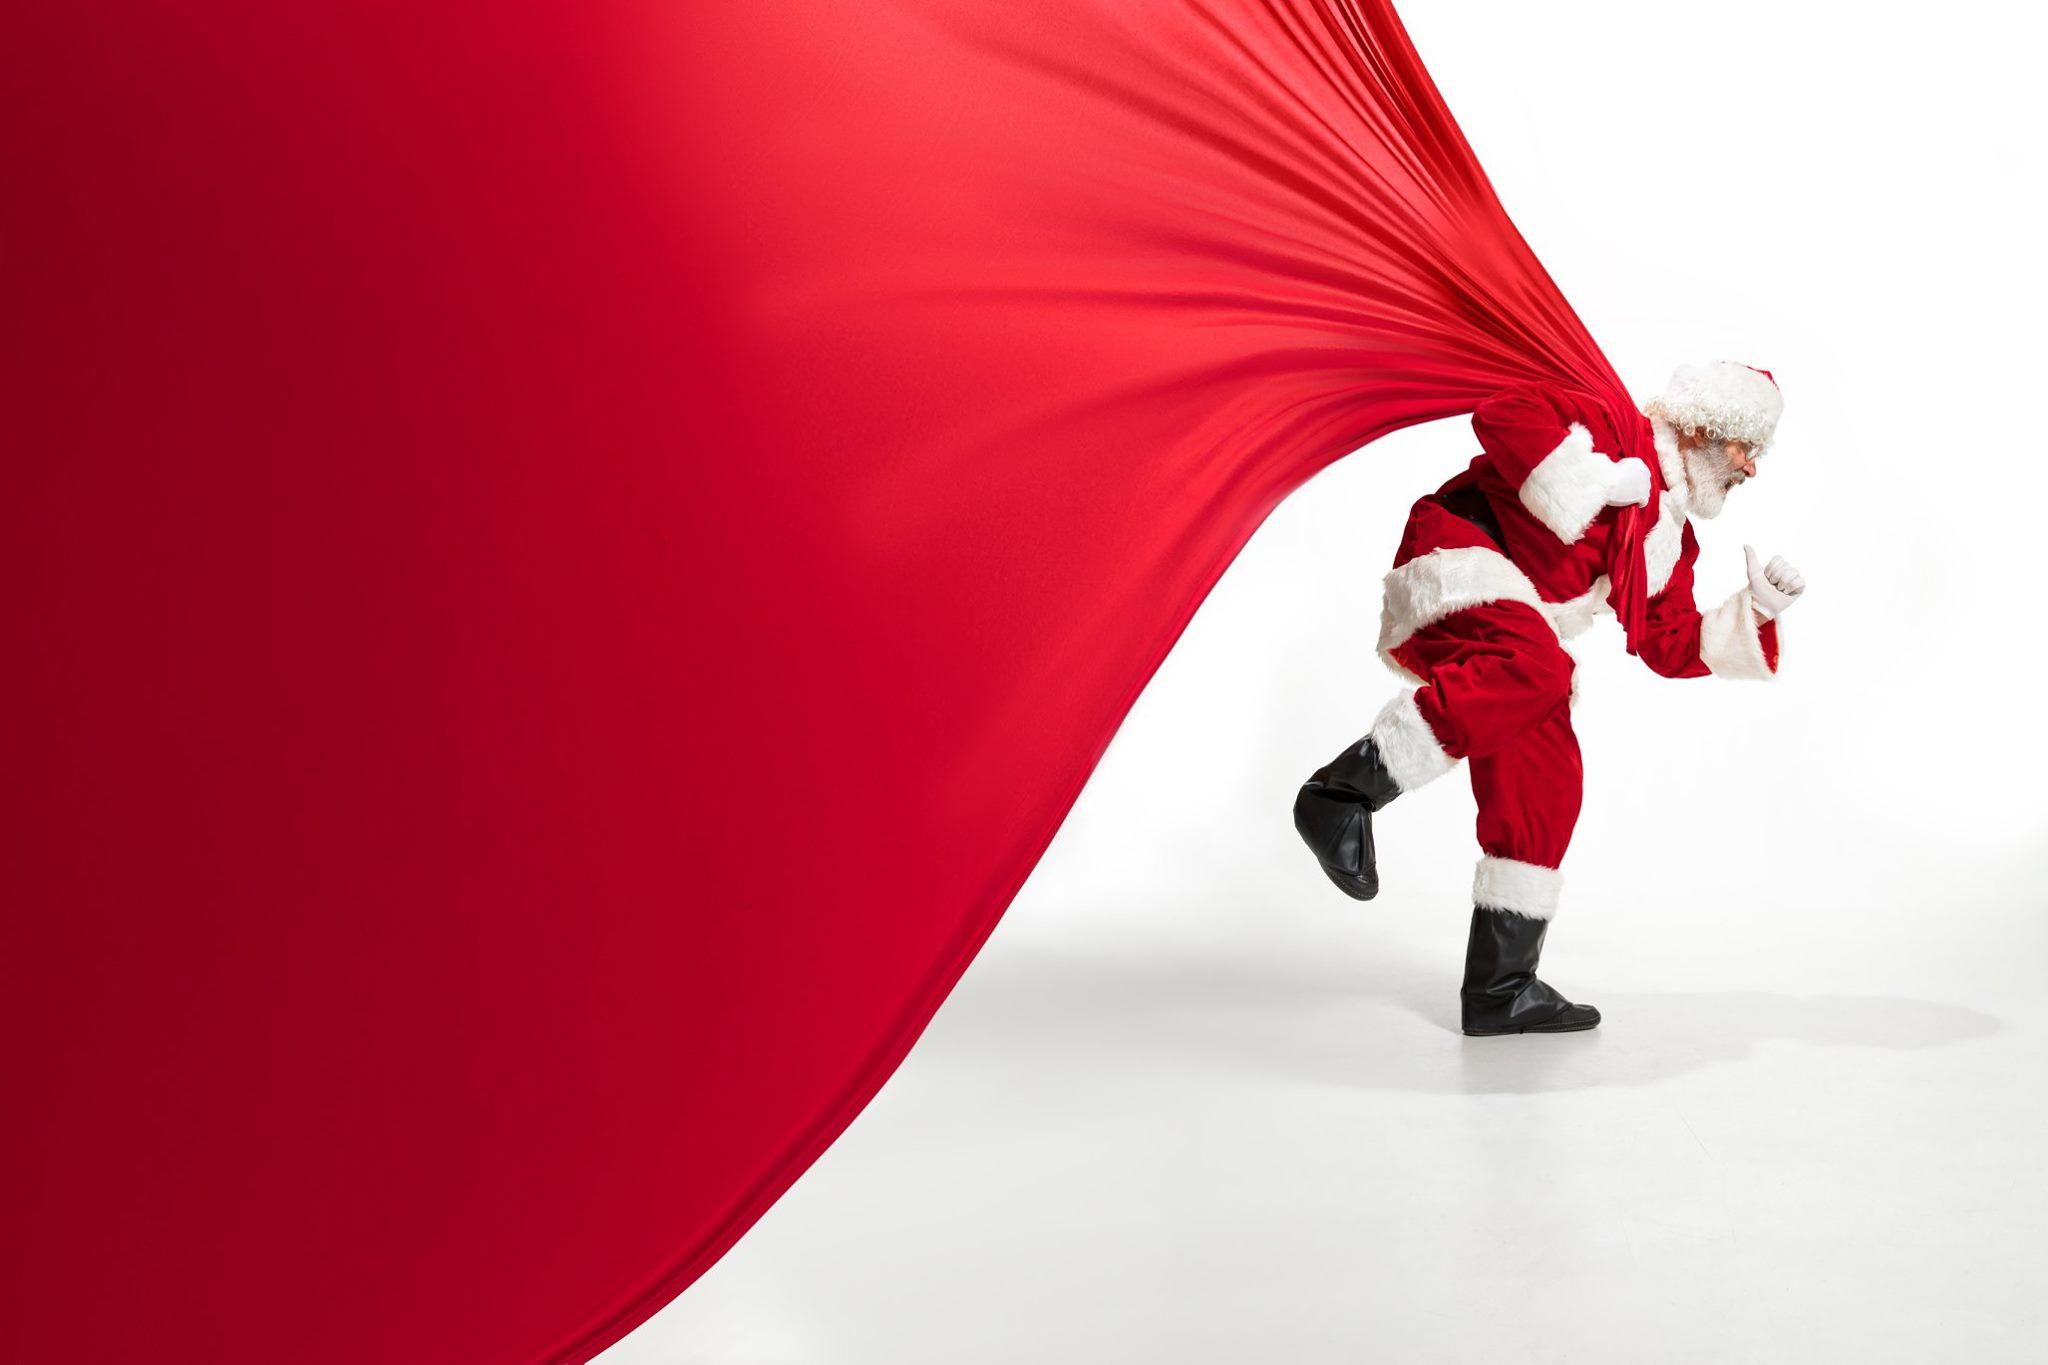 صور بابا نويل للكتابه عليها 6 صور بابا نويل للكتابه عليها